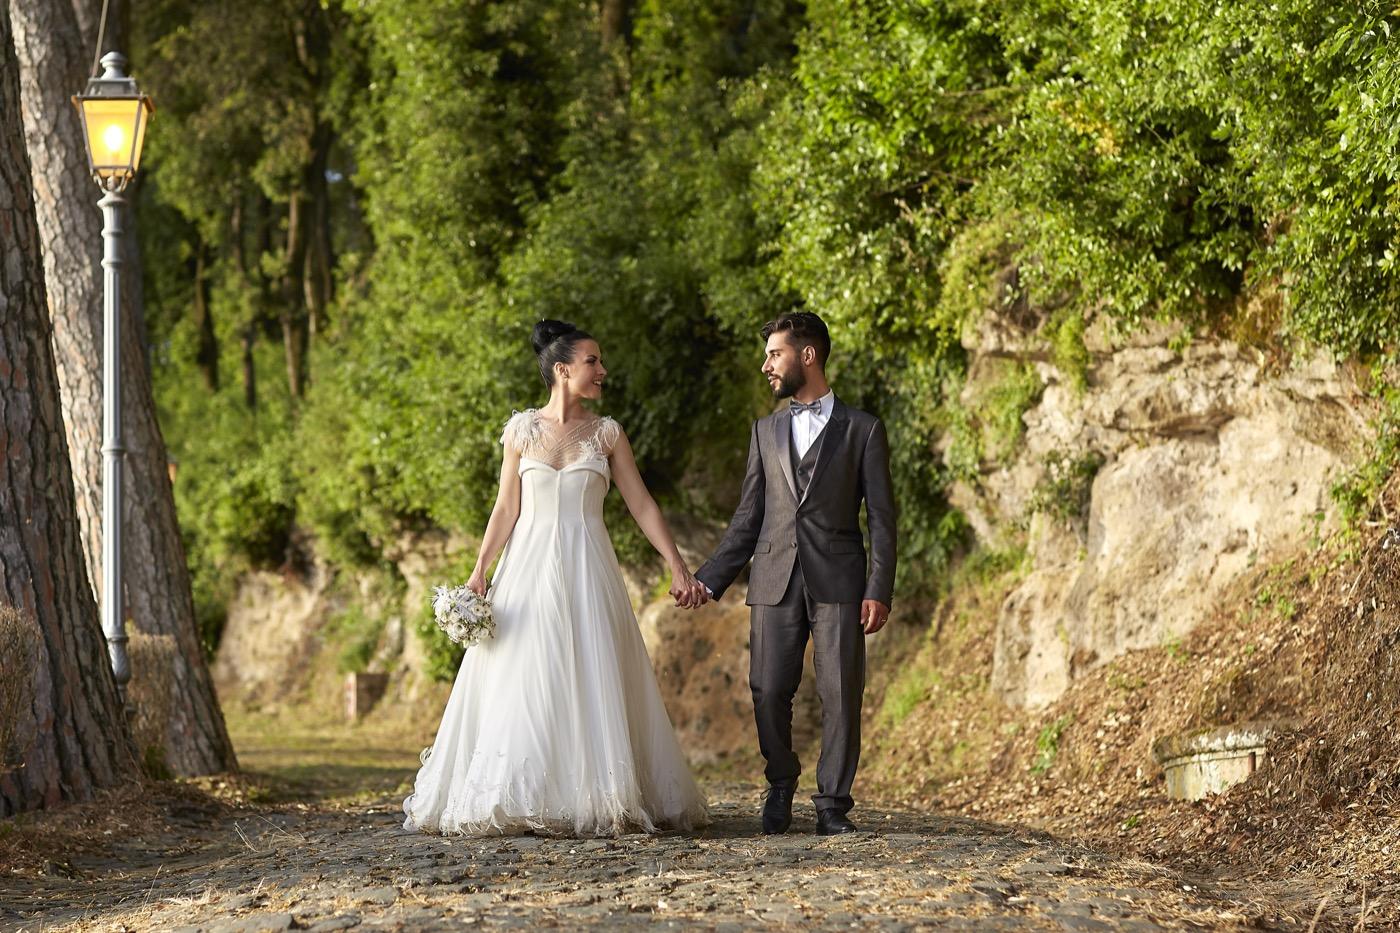 Claudio-Coppola-wedding-photographer-villa-del-cardinale-rocca-di-papa-castel-gandolfo-84